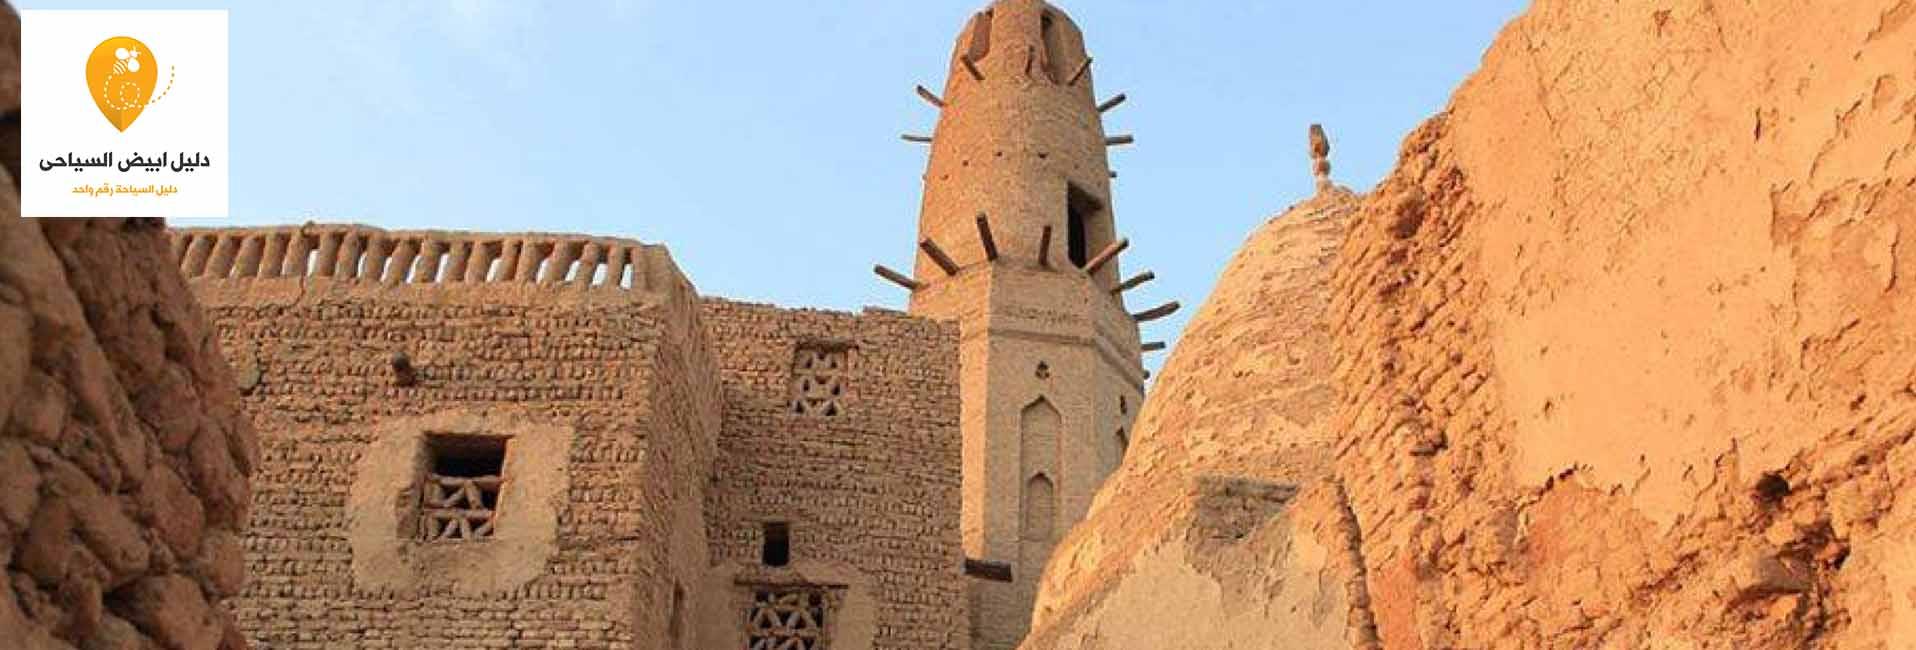 أماكن سياحية في مصر غير معروفة دليل ابيض السياحى